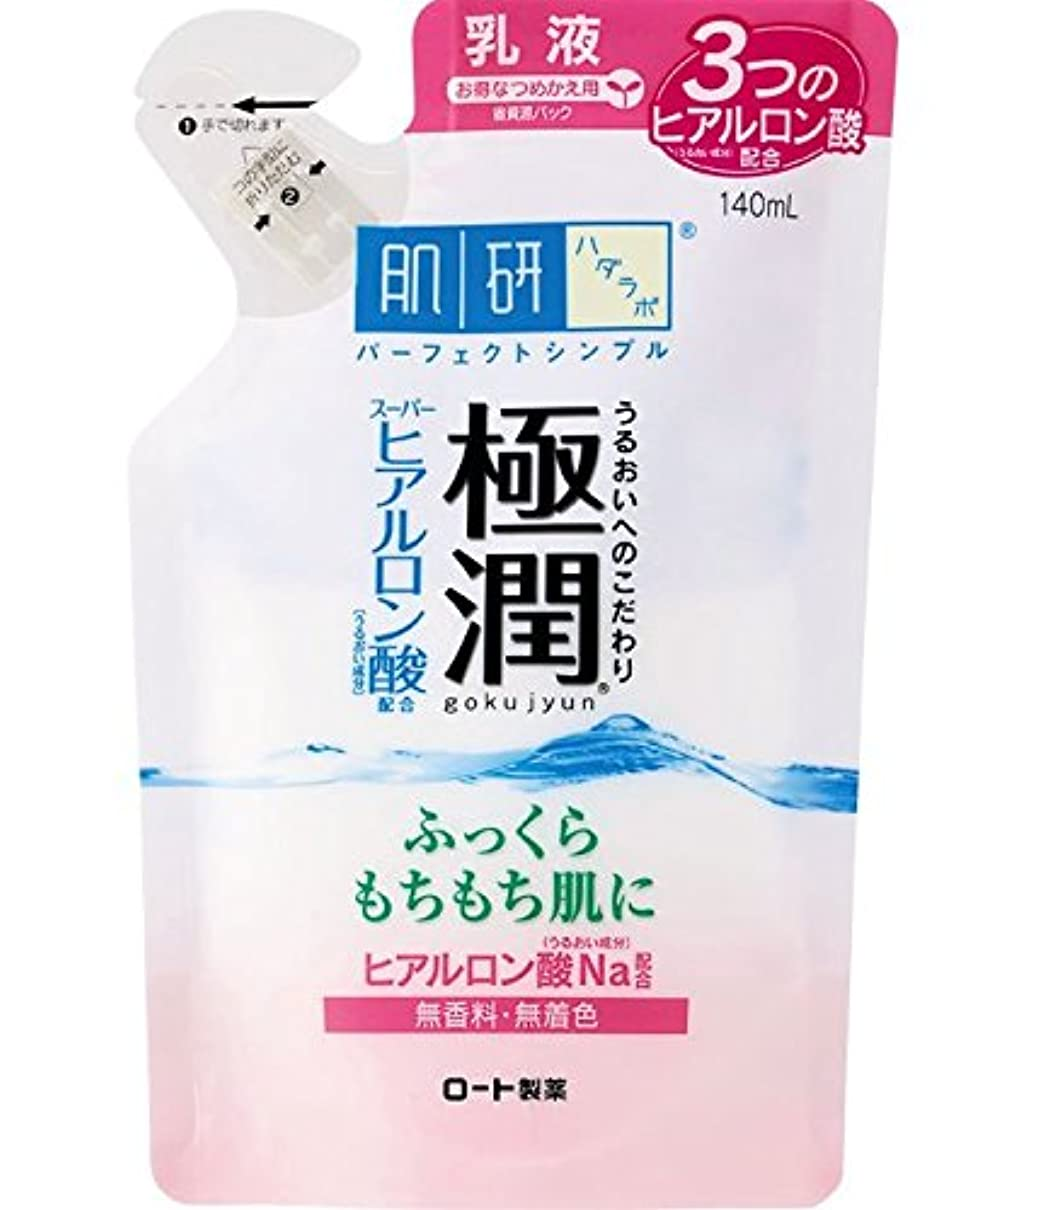 資産スプリットアレンジ肌研 極潤 ヒアルロン乳液 つめかえ用 140mL